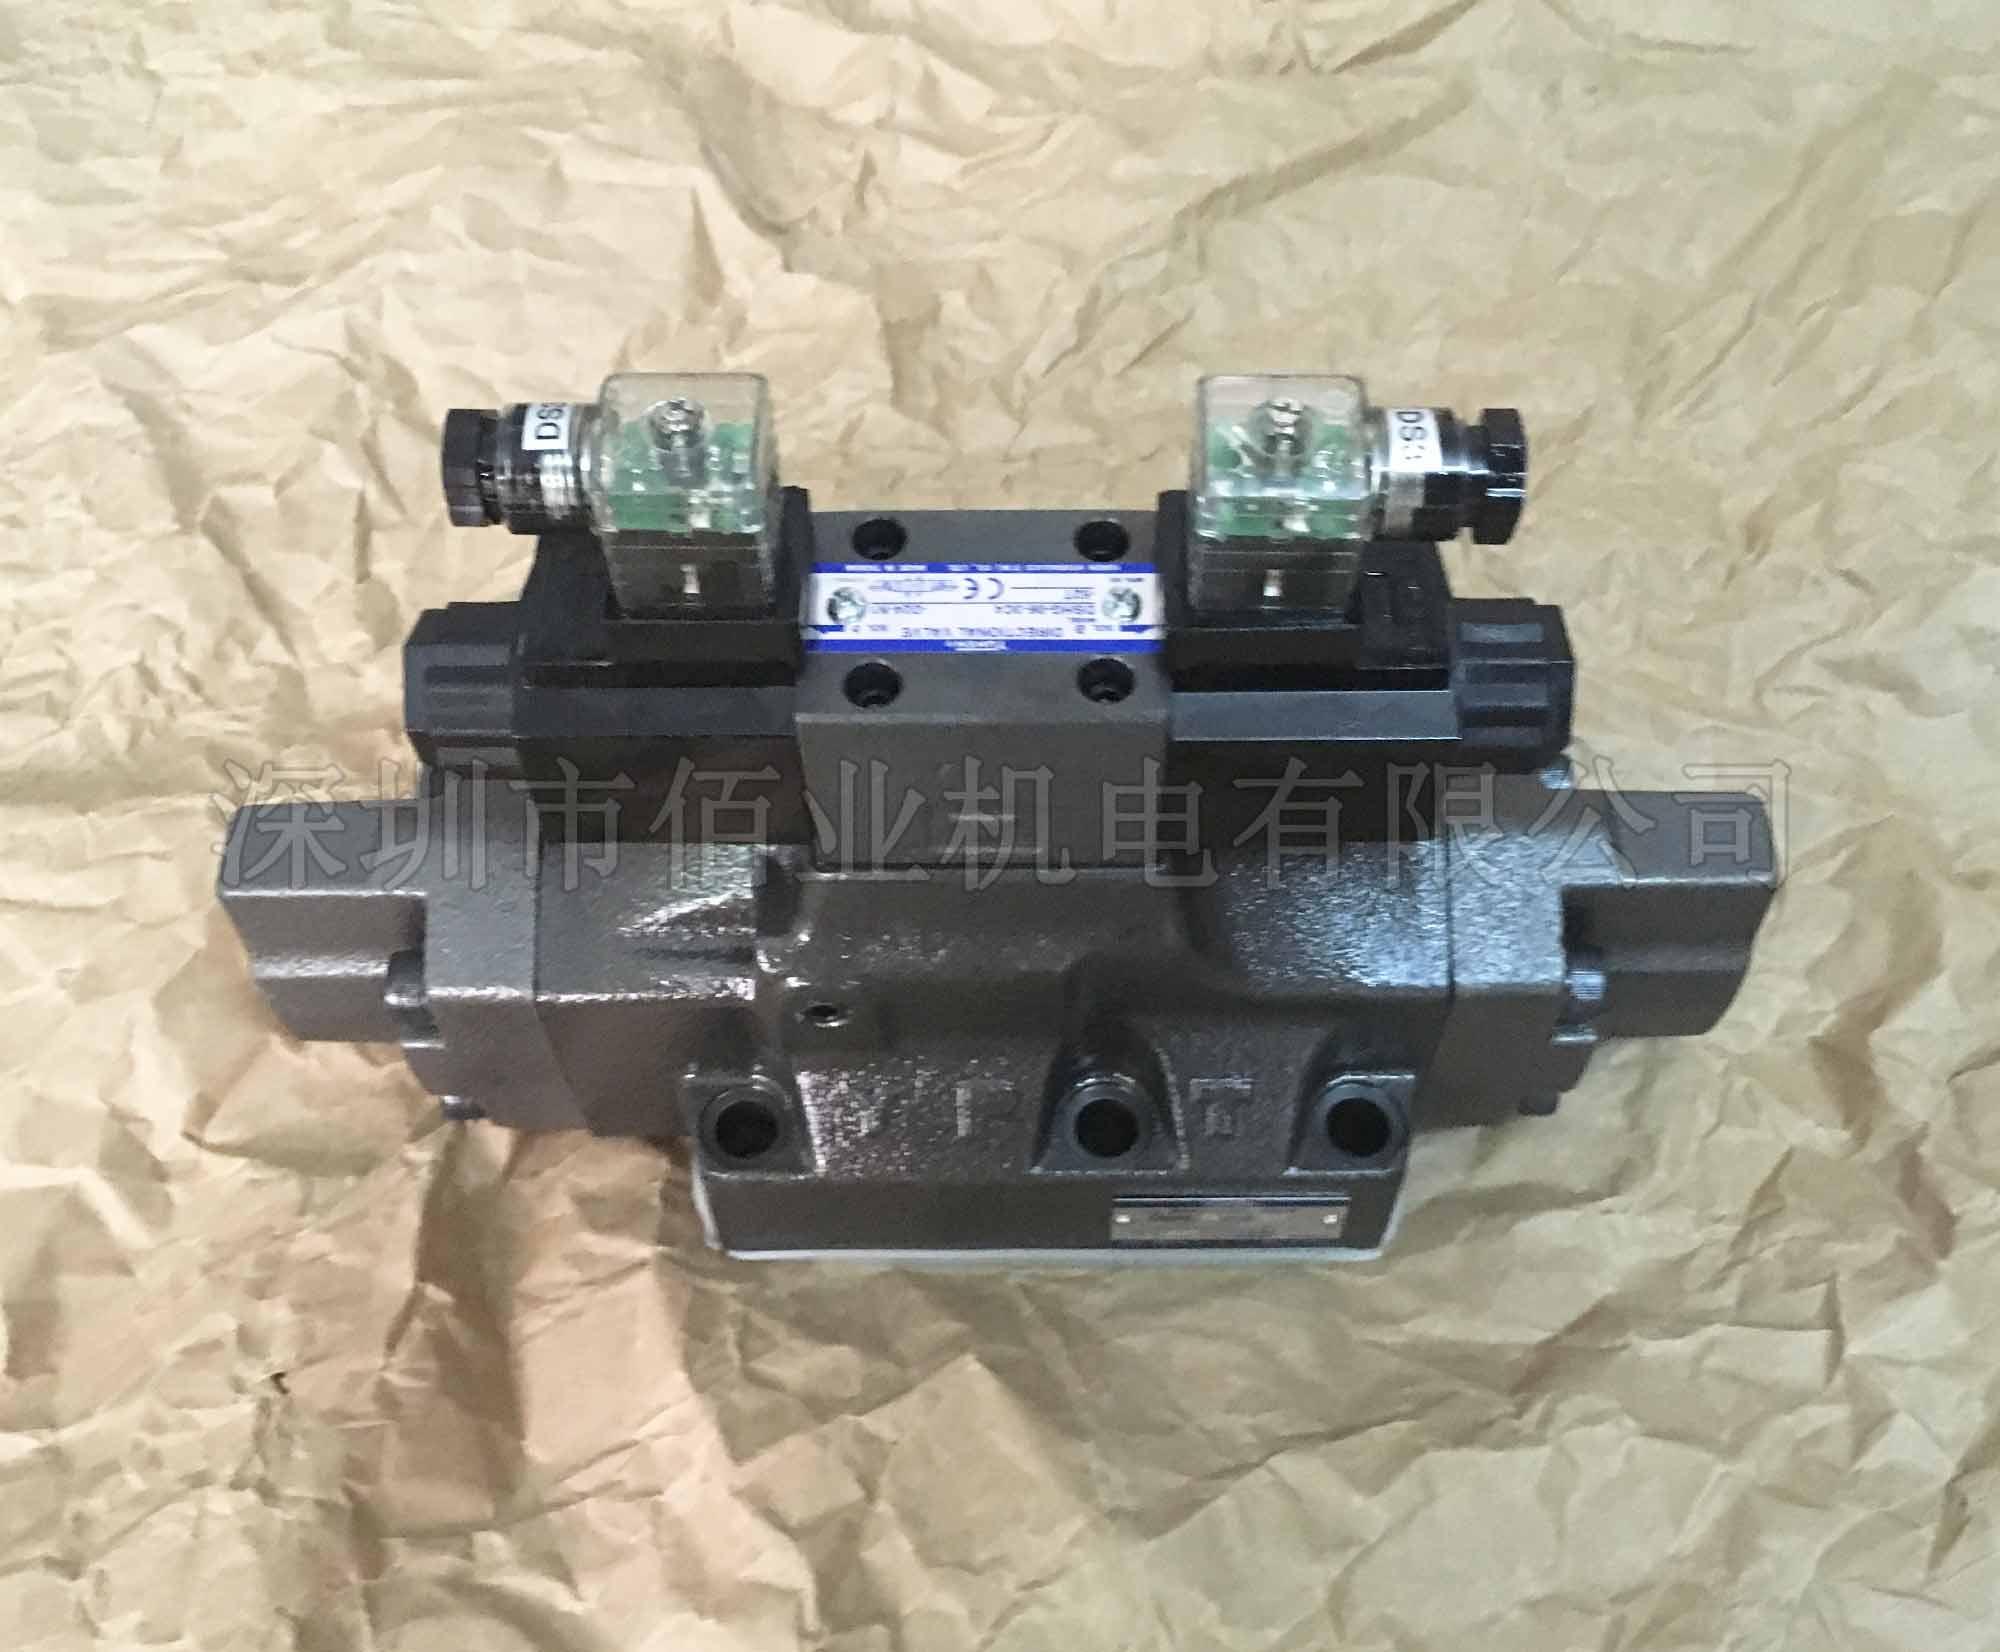 臺灣油研電液換向閥,DSHG-06-3C4-R2-D24-N1-52T